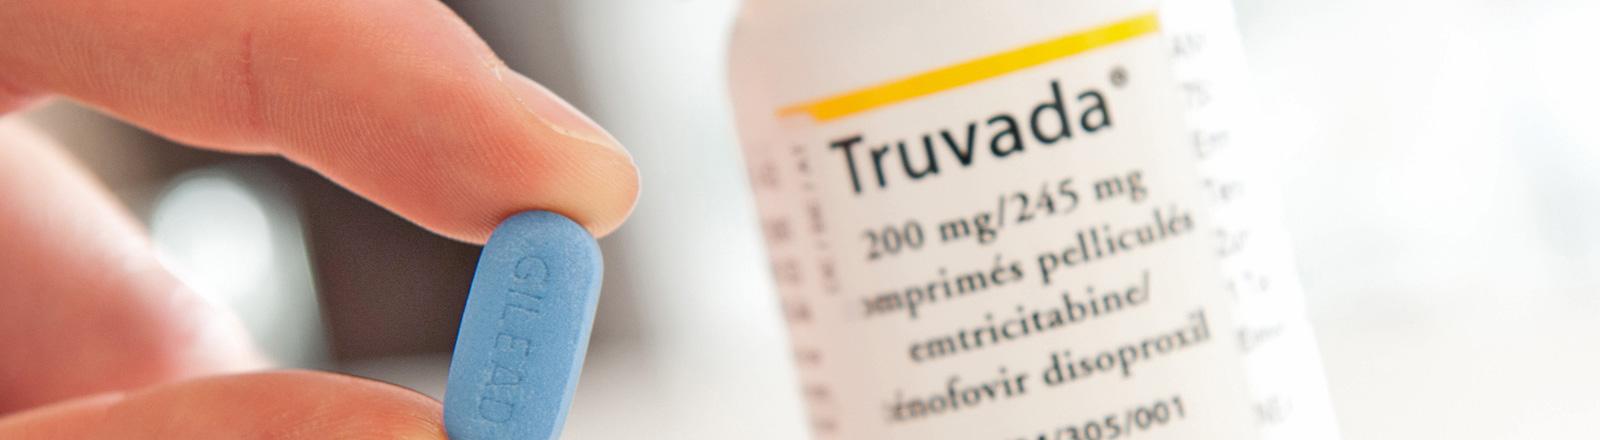 Eine Hand hält eine blaue Pille, das Anti-Aidsmittel Truvada. Daneben steht eine weiße Dose auf der Truvada steht; Bild: dpa